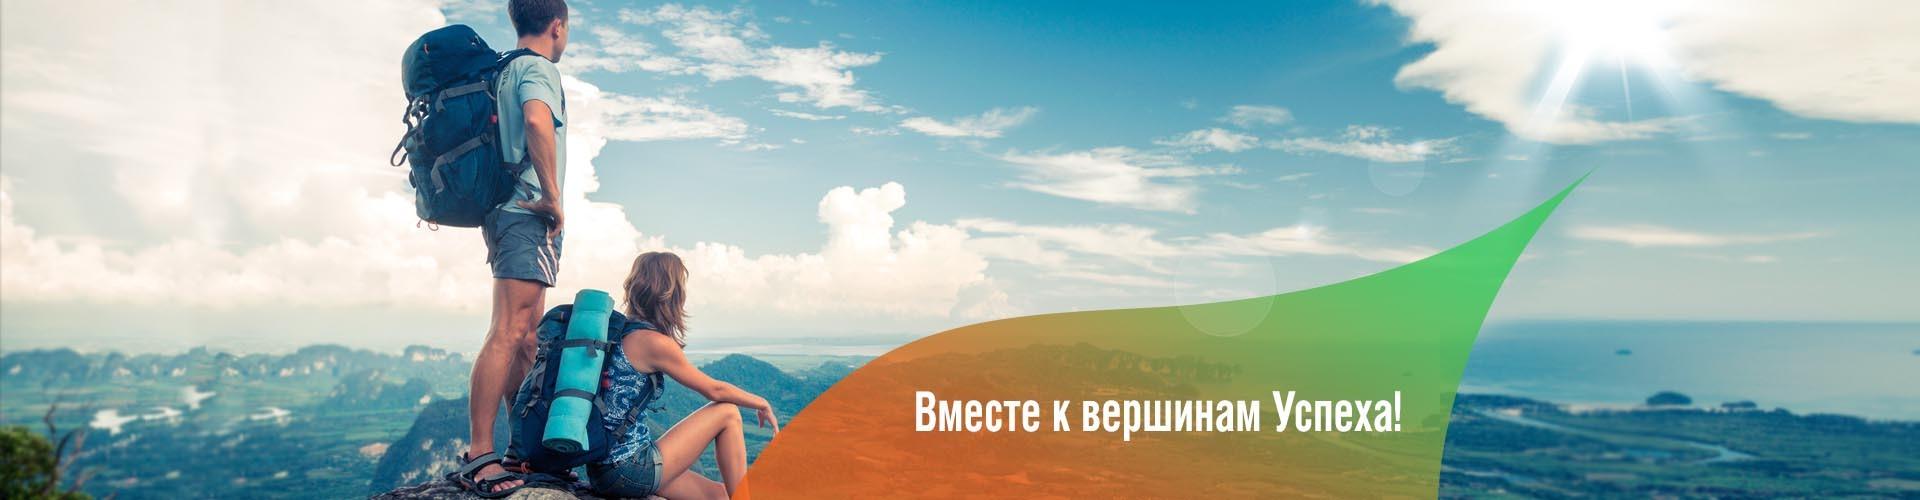 banner_SAD_Vmeste